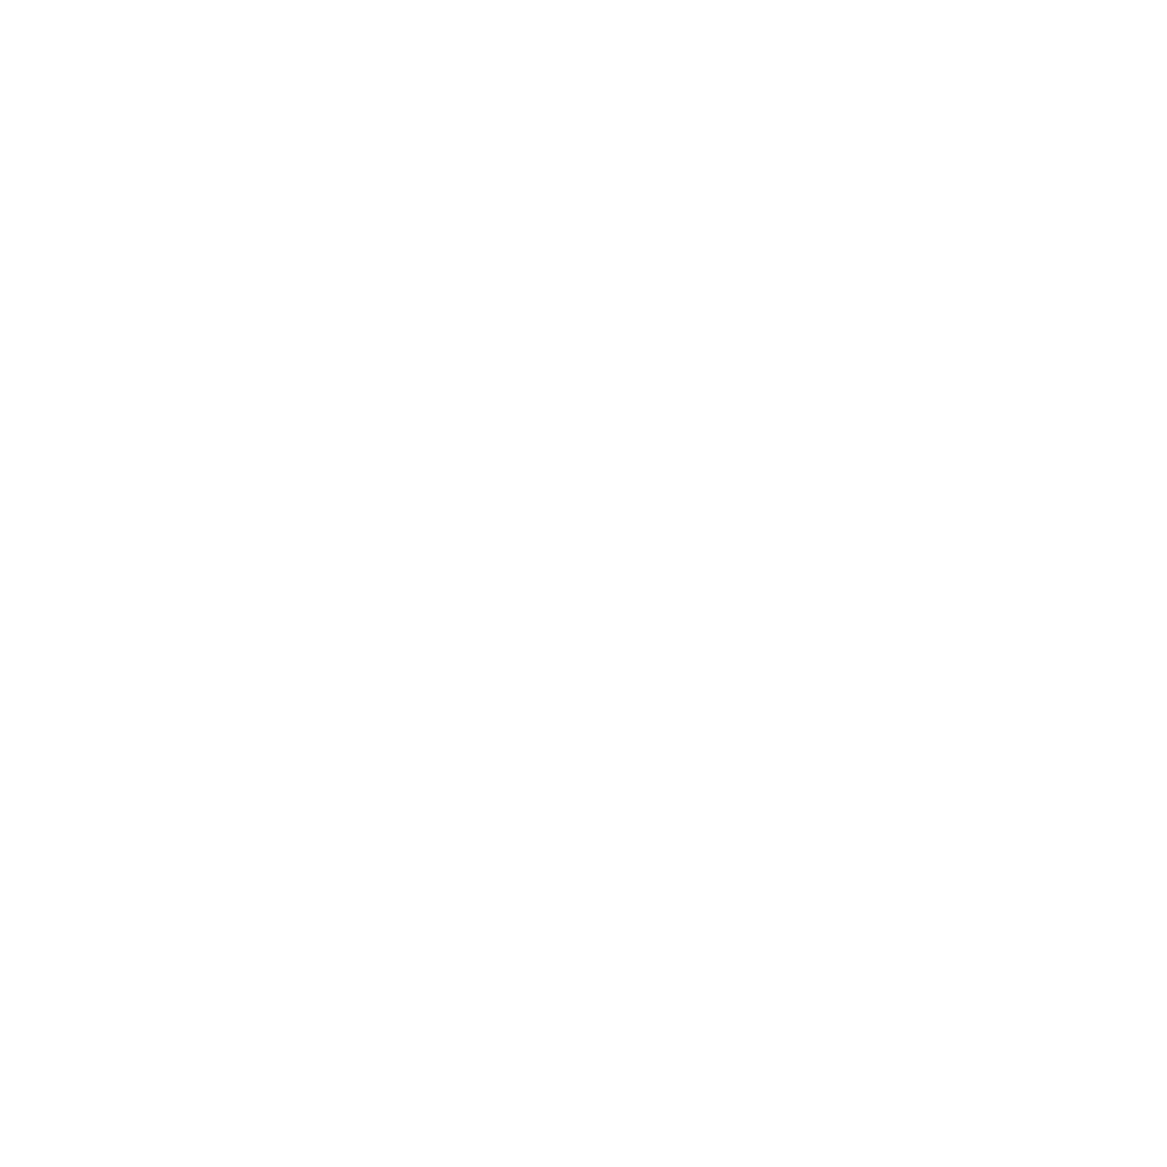 bg_circle_white